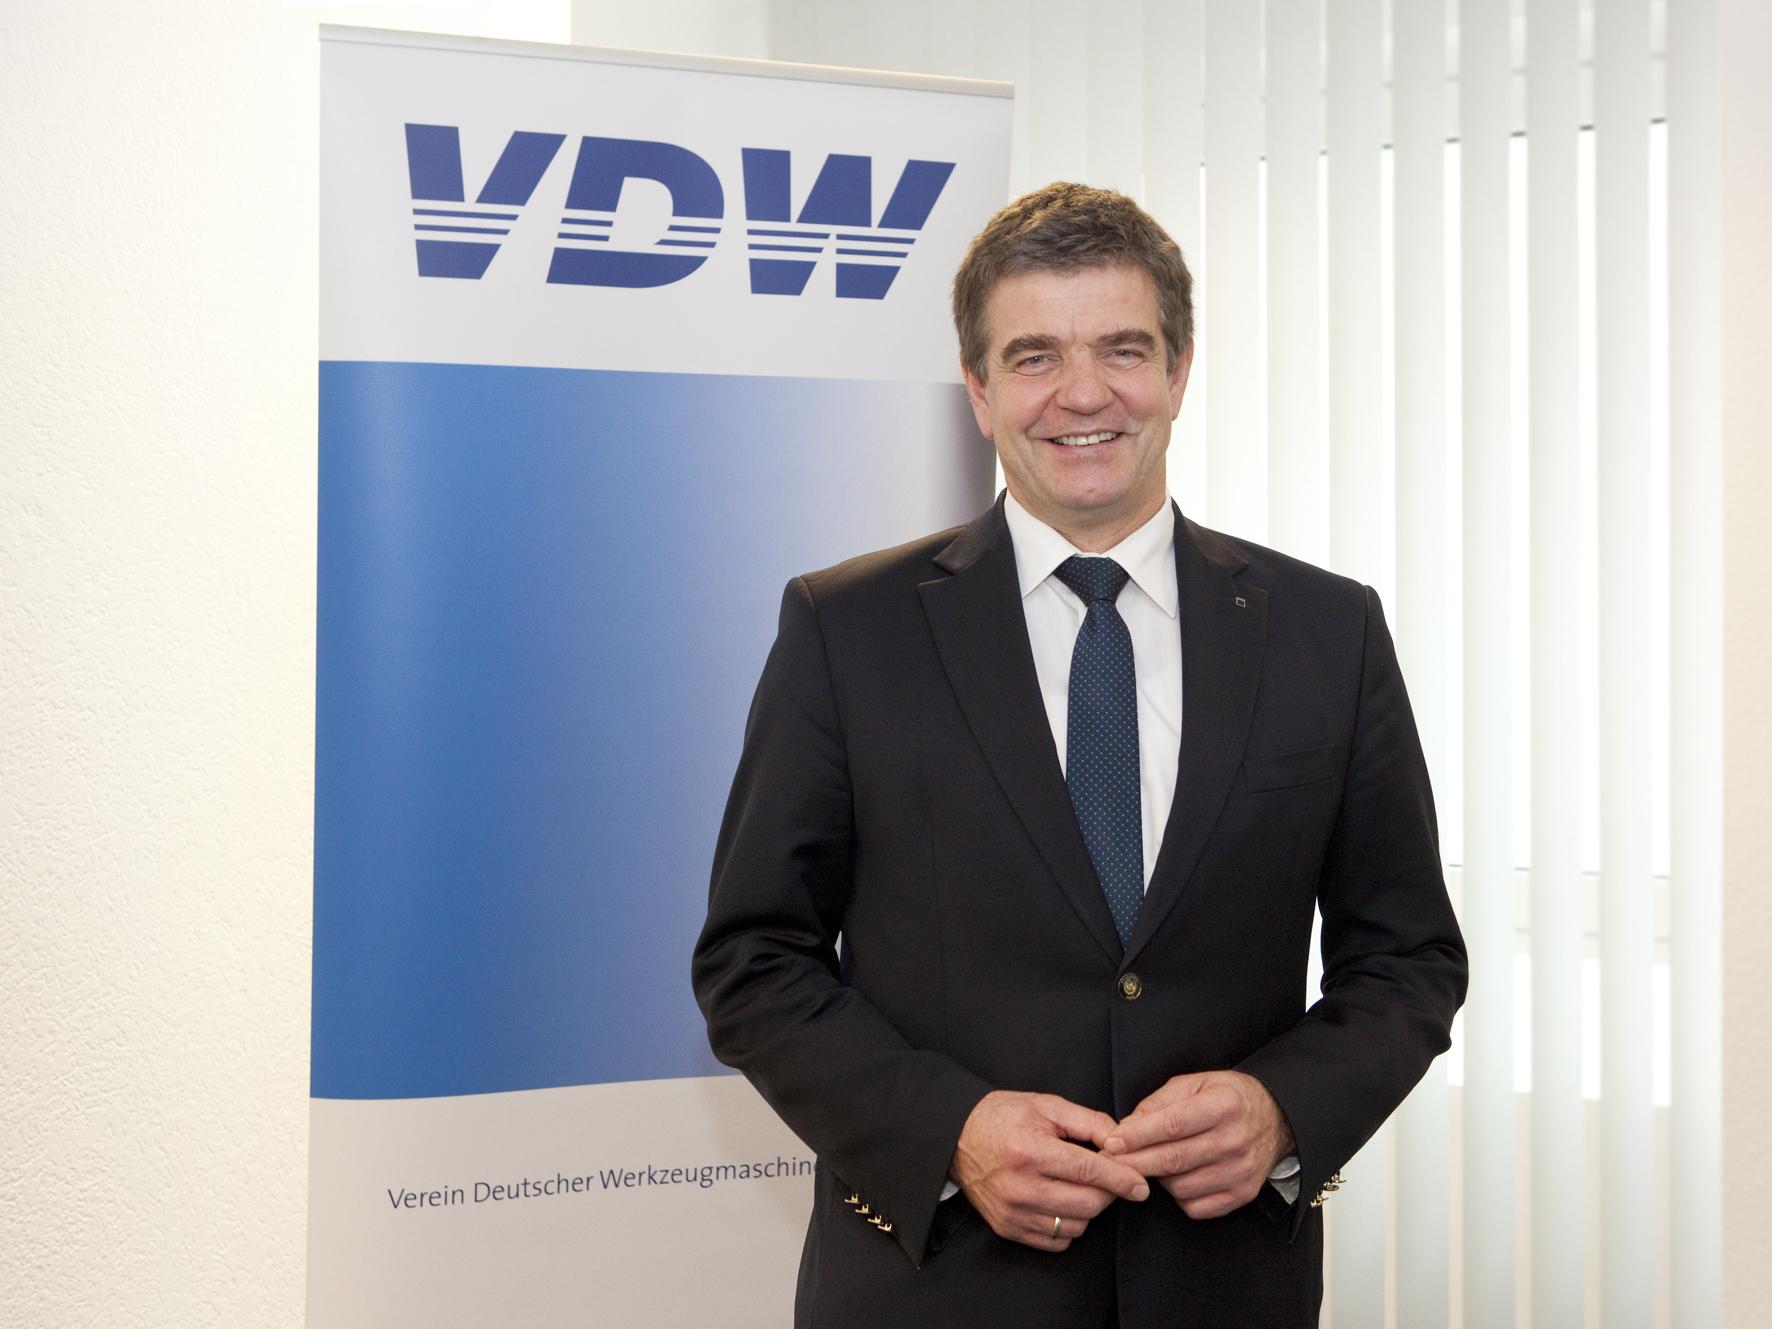 Dr. Heinz-Jürgen Prokop, Vorsitzender VDW